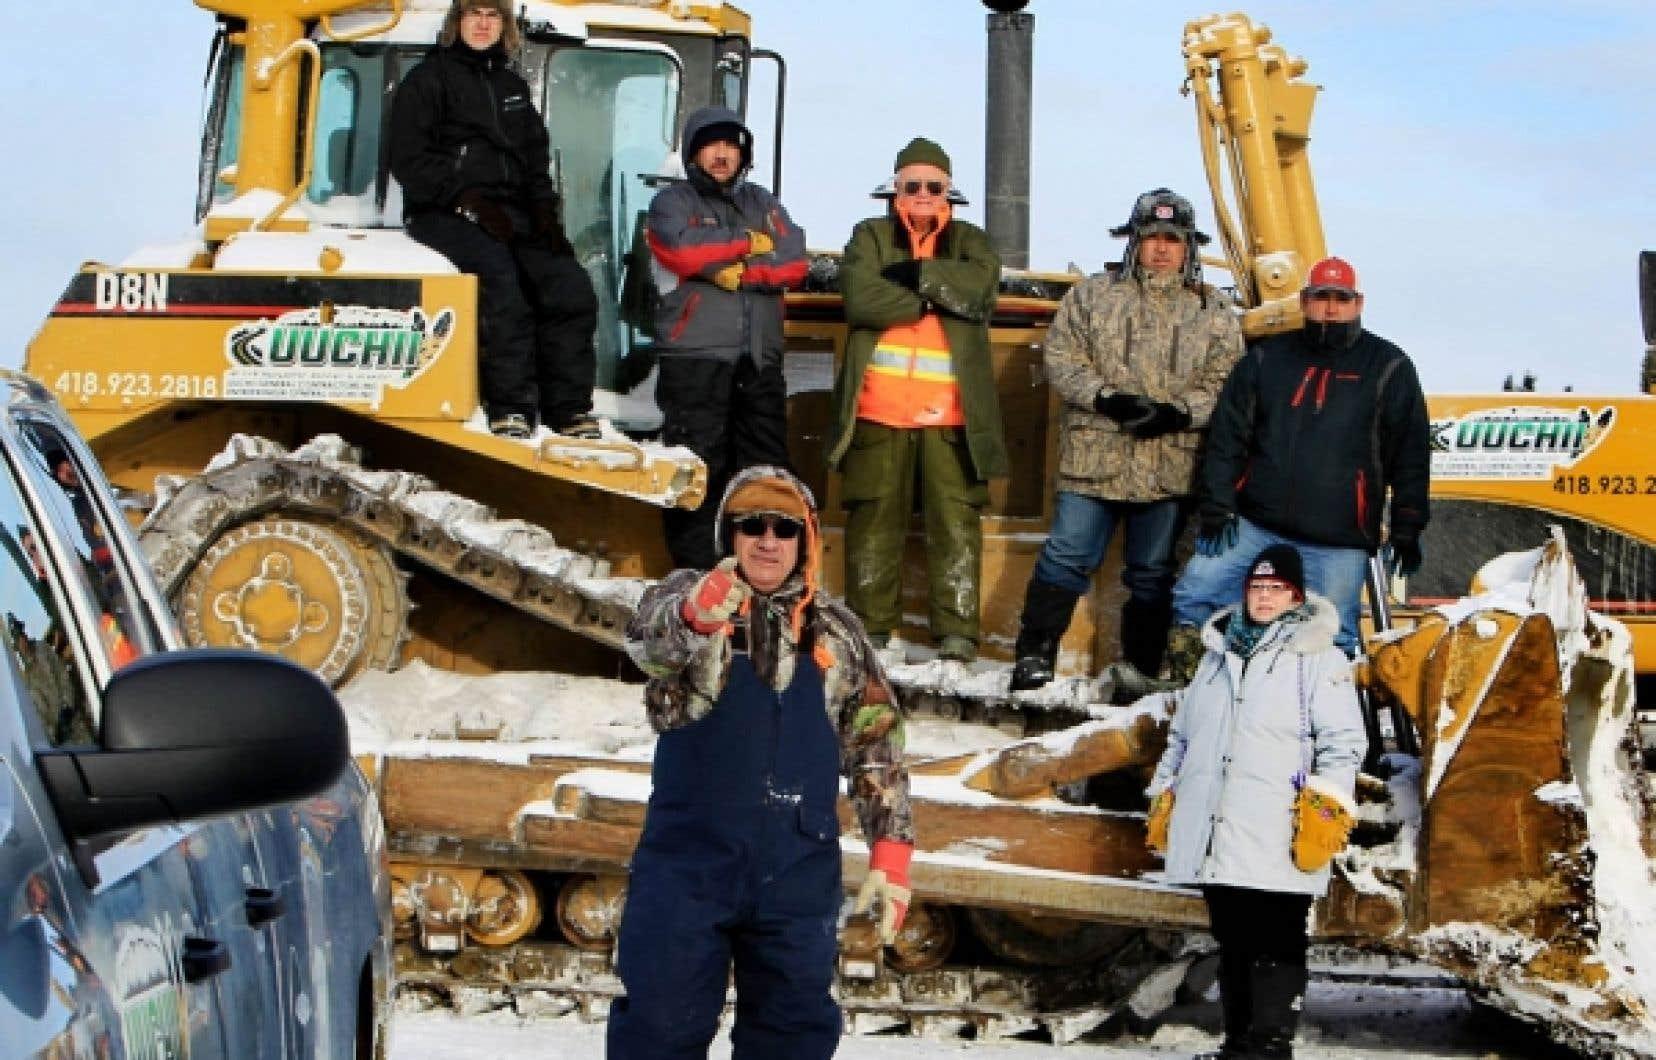 Christopher Matoush, Daniel Mattawashish, Jocelyn Deschamps, Simon Mattawashish, Roger Mattawashish, Emma Mattawashish et, à l'avant-scène, Coome Matoush, ont érigé une barricade pour dénoncer l'octroi du contrat du prolongement de cette route du nord québécois.